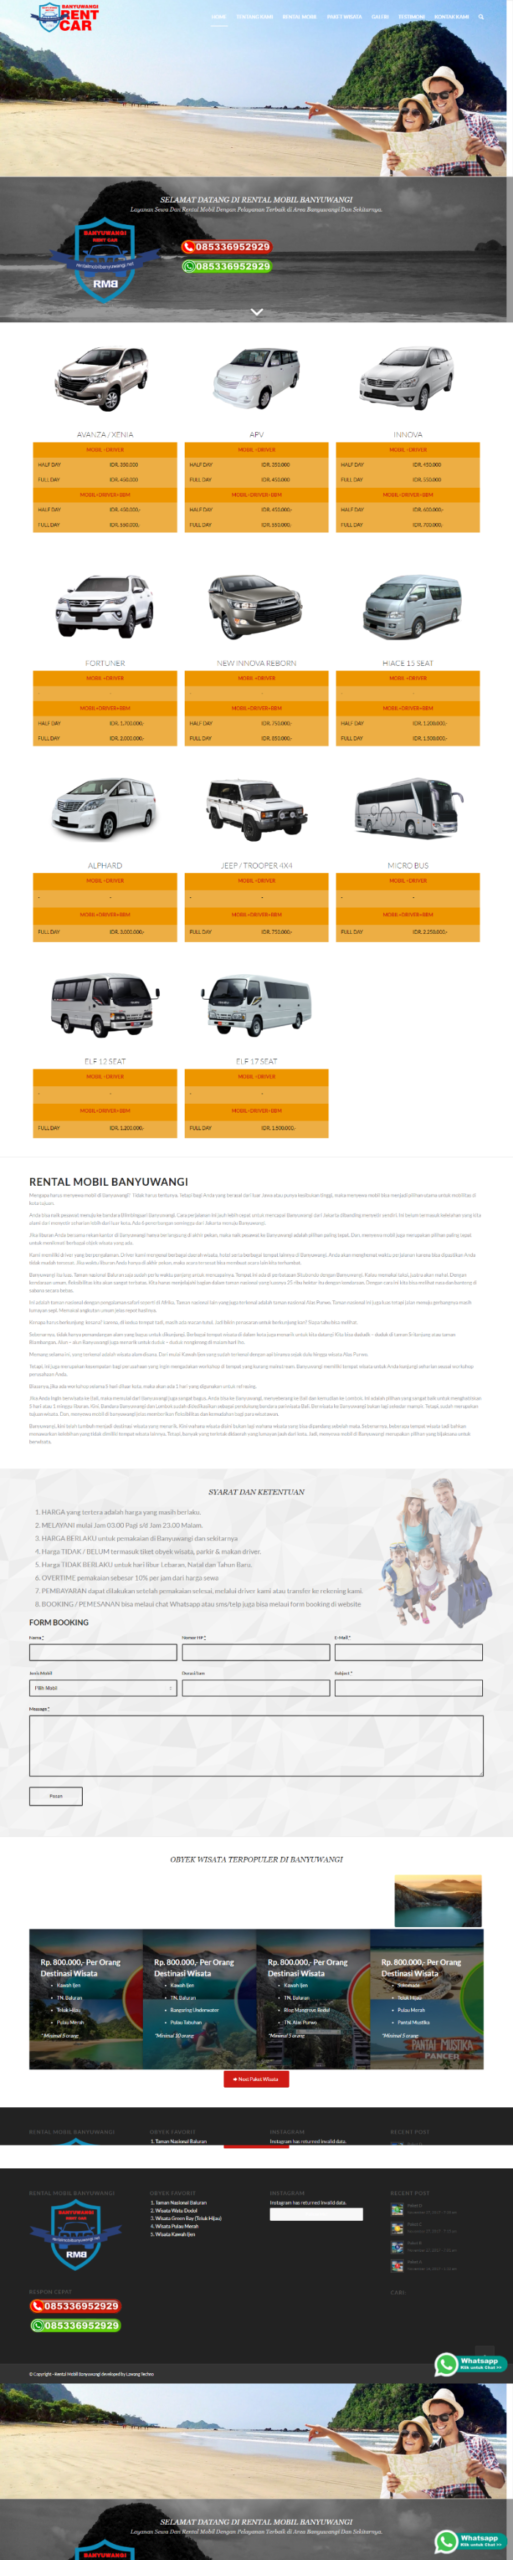 jasa pembuatan website banyuwangi